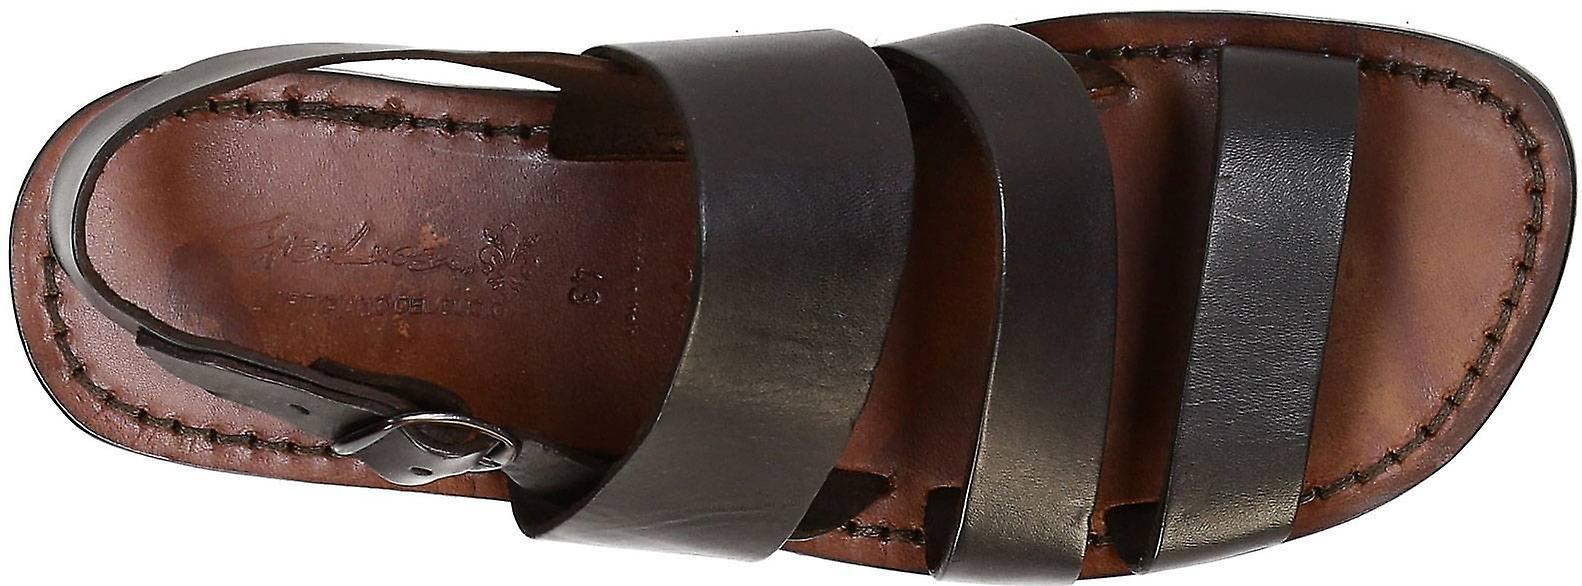 timeless design 428fb 9373f Braun Ledersandalen handgefertigt in Italien für Herren